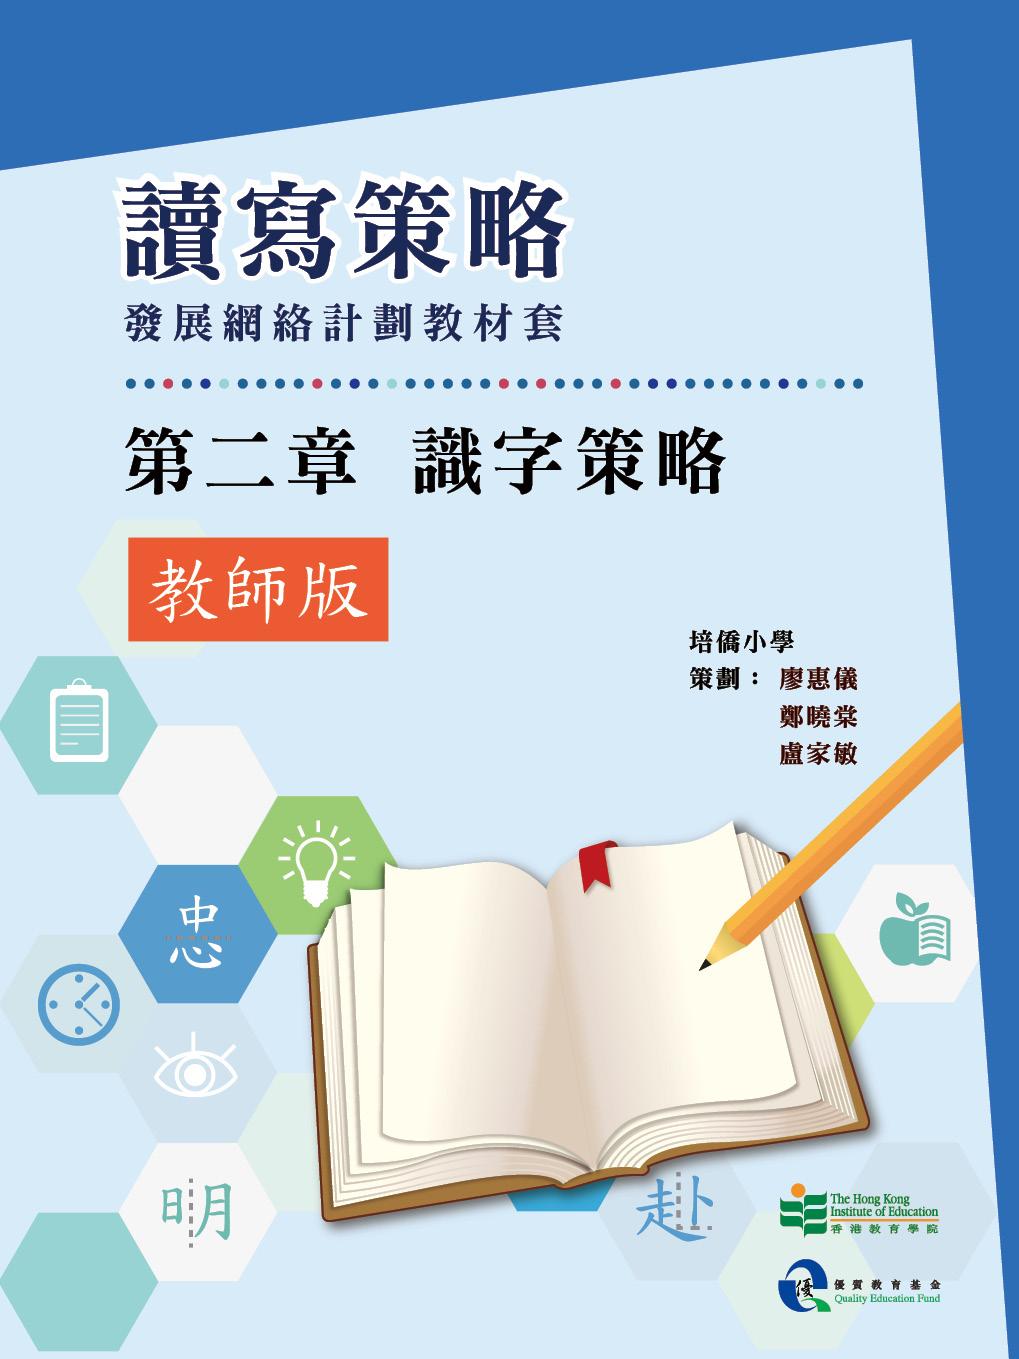 讀寫策略發展網絡計劃教材套 第二章 識字策略(教師版)